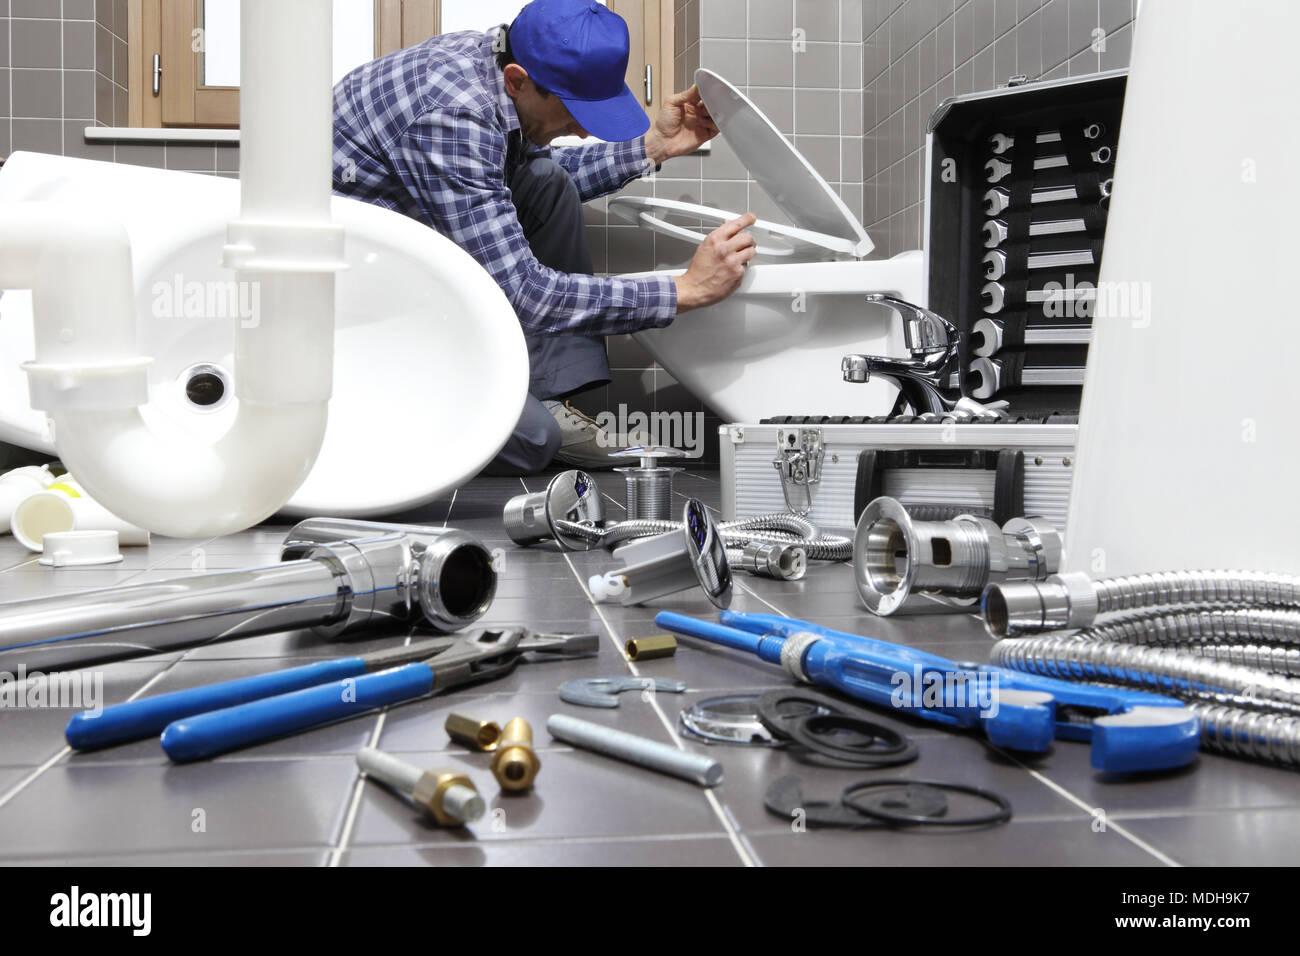 Badezimmer Installation, klempner an der arbeit in einem badezimmer, sanitär reparatur, Design ideen